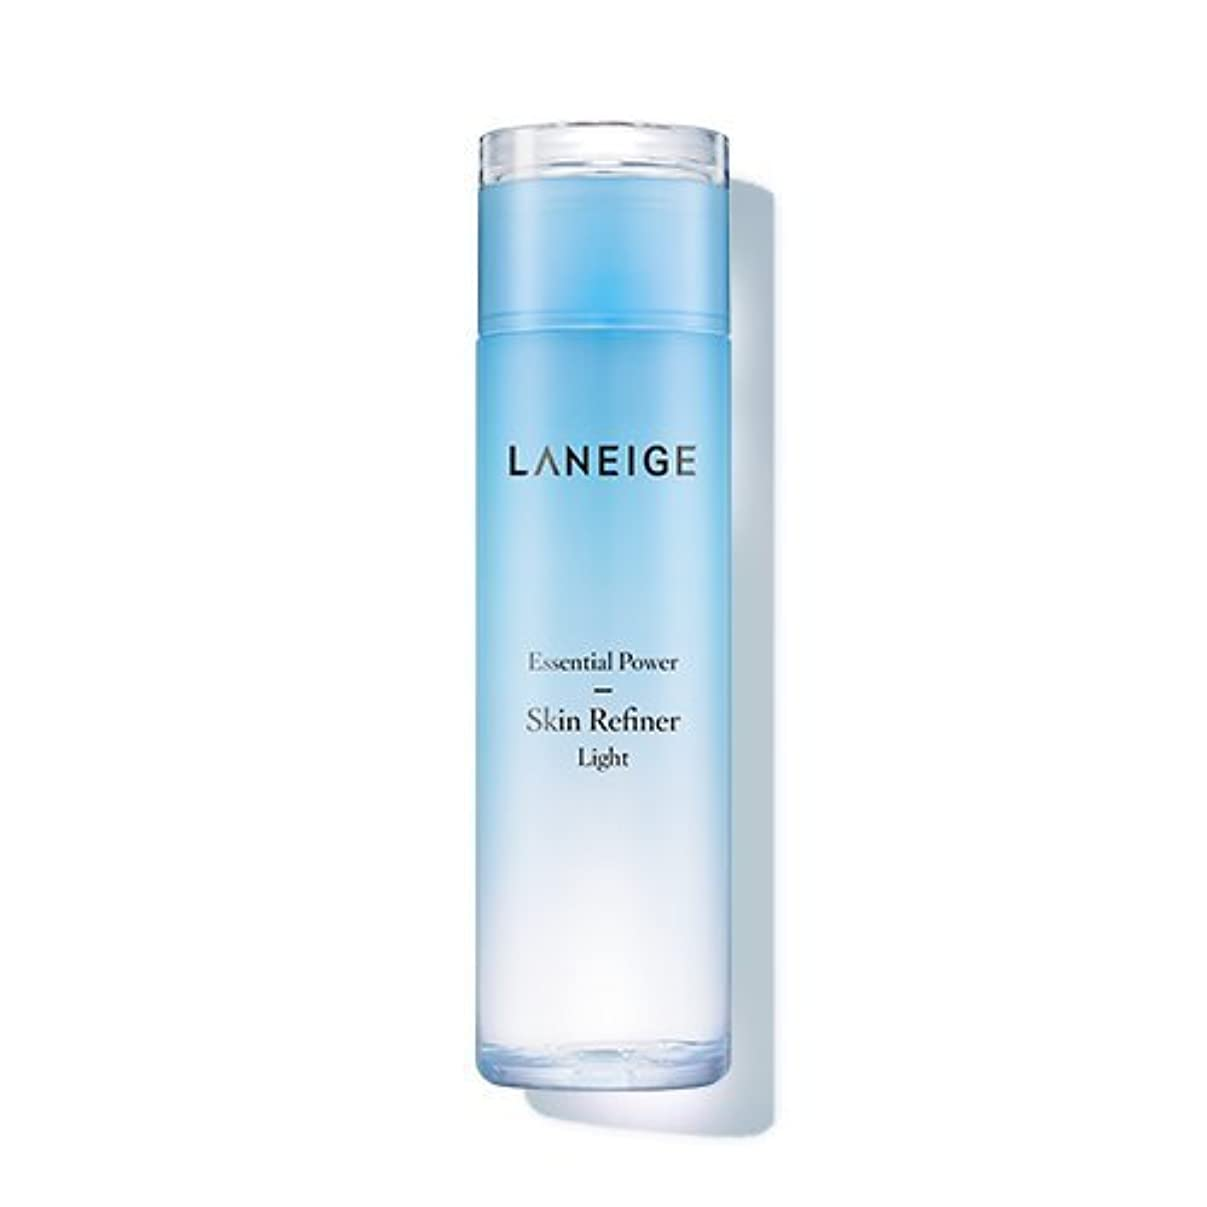 肯定的ペルセウス厳LANEIGE Essential Power Skin Refiner Light 200ml/ラネージュ エッセンシャル パワー スキン リファイナー ライト 200ml [並行輸入品]